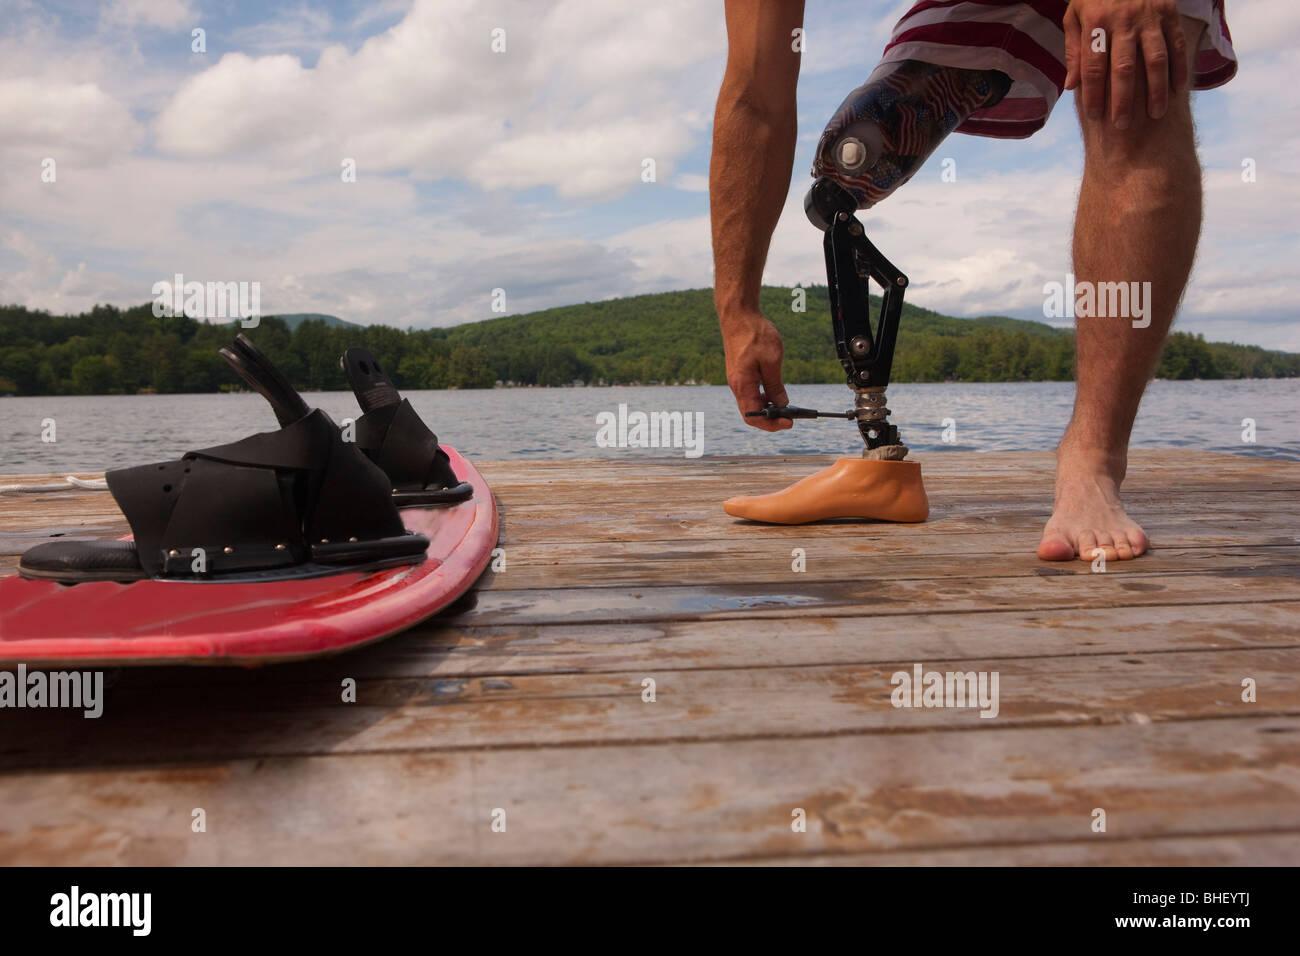 Behinderte Sportler sein künstliche Bein auf einem Dock anpassen Stockbild